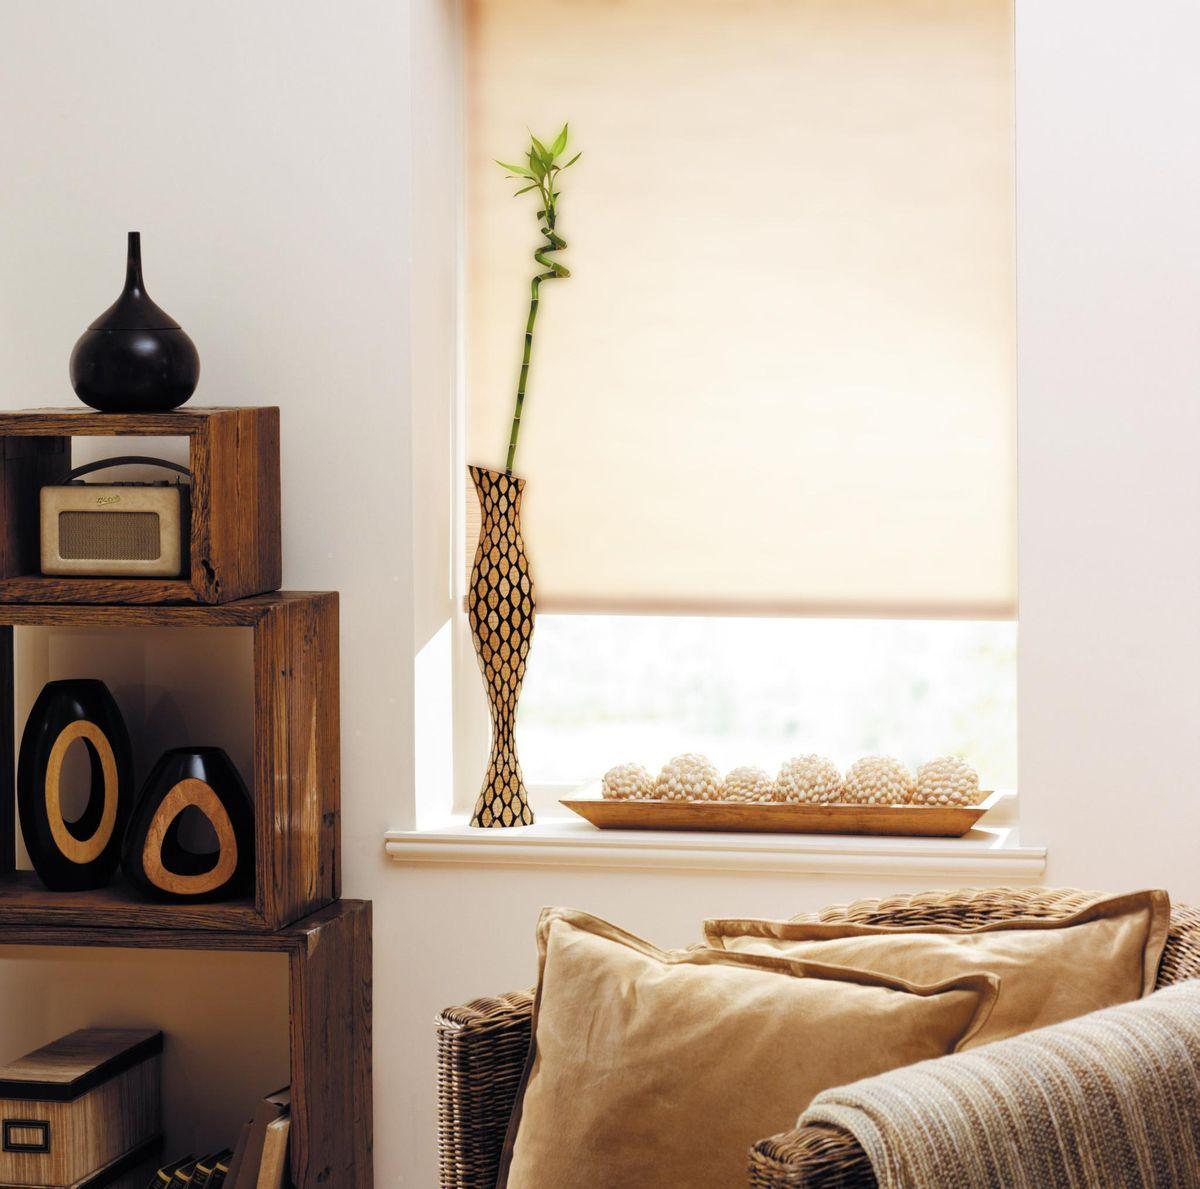 Штора рулонная Эскар, цвет: бежевый лен, ширина 160 см, высота 170 см40008062150Рулонными шторами можно оформлять окна как самостоятельно, так и использовать в комбинации с портьерами. Это поможет предотвратить выгорание дорогой ткани на солнце и соединит функционал рулонных с красотой навесных.Преимущества применения рулонных штор для пластиковых окон:- имеют прекрасный внешний вид: многообразие и фактурность материала изделия отлично смотрятся в любом интерьере; - многофункциональны: есть возможность подобрать шторы способные эффективно защитить комнату от солнца, при этом о на не будет слишком темной. - Есть возможность осуществить быстрый монтаж. ВНИМАНИЕ! Размеры ширины изделия указаны по ширине ткани!Во время эксплуатации не рекомендуется полностью разматывать рулон, чтобы не оторвать ткань от намоточного вала.В случае загрязнения поверхности ткани, чистку шторы проводят одним из способов, в зависимости от типа загрязнения: легкое поверхностное загрязнение можно удалить при помощи канцелярского ластика; чистка от пыли производится сухим методом при помощи пылесоса с мягкой щеткой-насадкой; для удаления пятна используйте мягкую губку с пенообразующим неагрессивным моющим средством или пятновыводитель на натуральной основе (нельзя применять растворители).